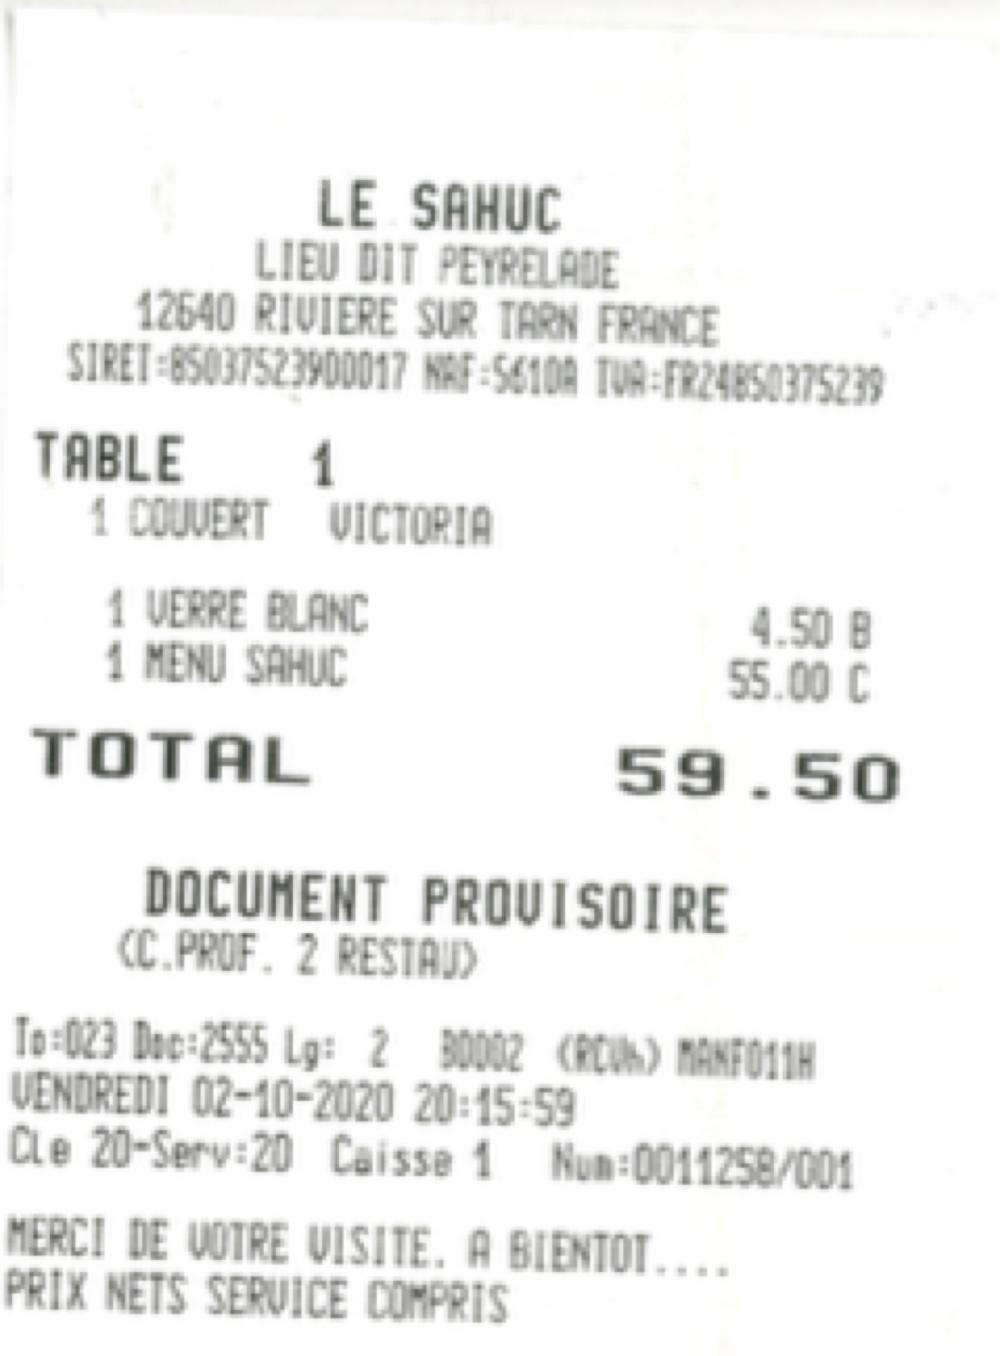 18_07_49_891_12_Le_Sahuc.png